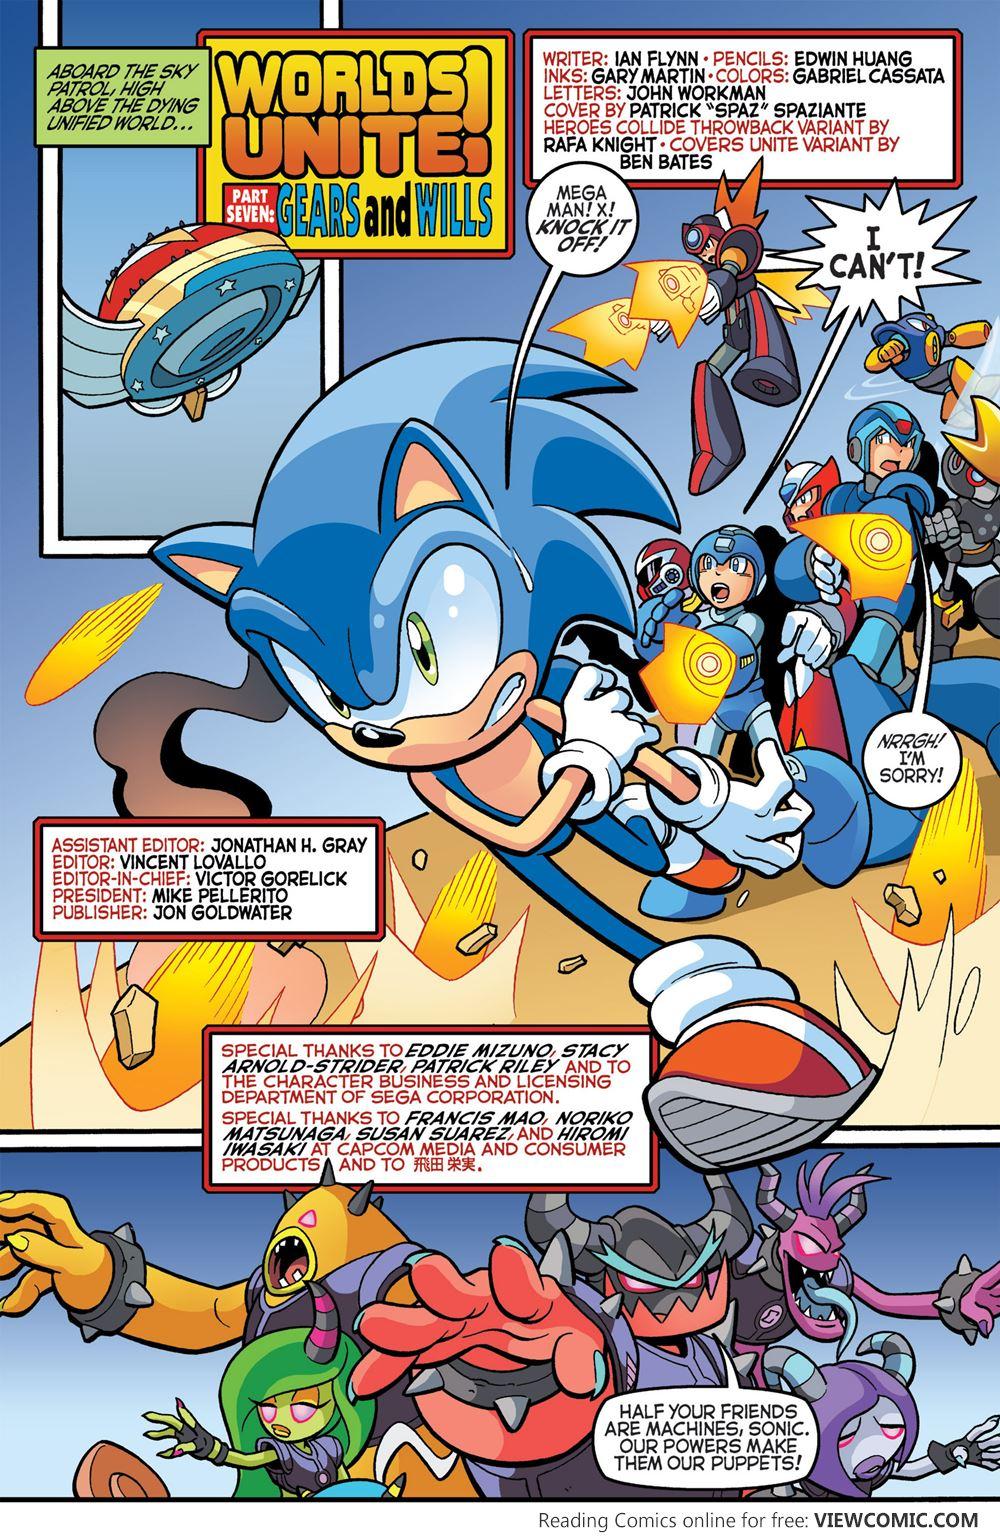 sonic the hedgehog 274 2015 viewcomic reading comics